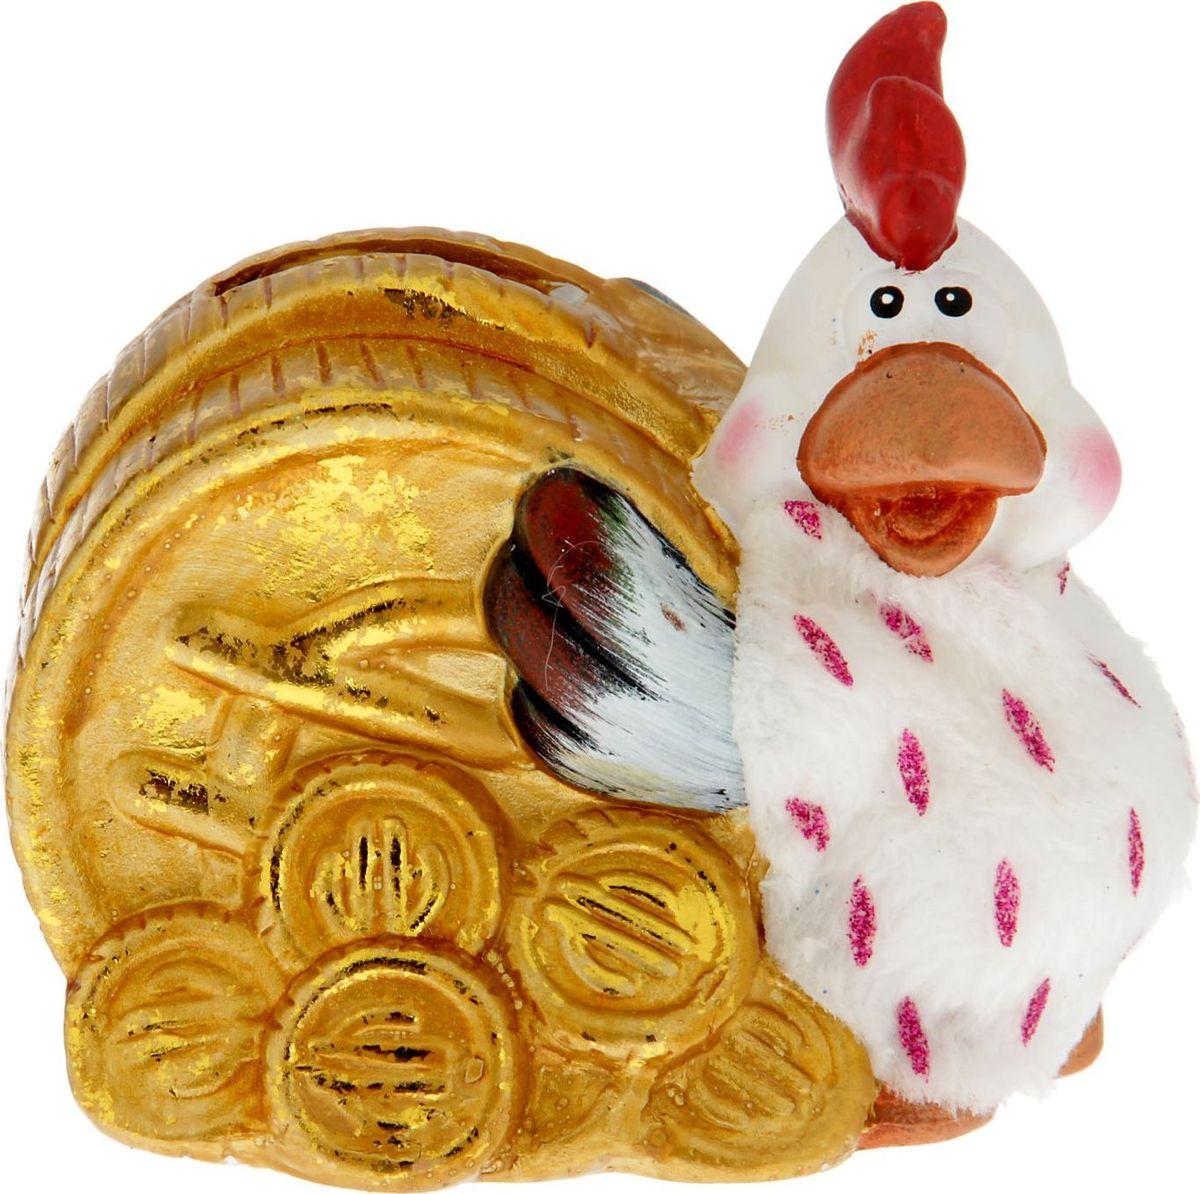 Копилка Петушок с монетой, 6,2 х 12 х 11,3 см1350872В этой копилке деньги будут появляться быстрее, чем в обычной, ведь это пернатое семейство отличается запасливостью. Не верите? А вы загляните в их уютное гнёздышко! Разве можно пройти мимо этого яркого аксессуара и не подкинуть туда несколько залежавшихся в кармане монет или купюр?Пусть в наступающем году ваша семья не нуждается в средствах, а кошелёк становится больше и шире.Копилка является многоразовой, что позволит вам воспользоваться накопленными деньгами в любой момент.